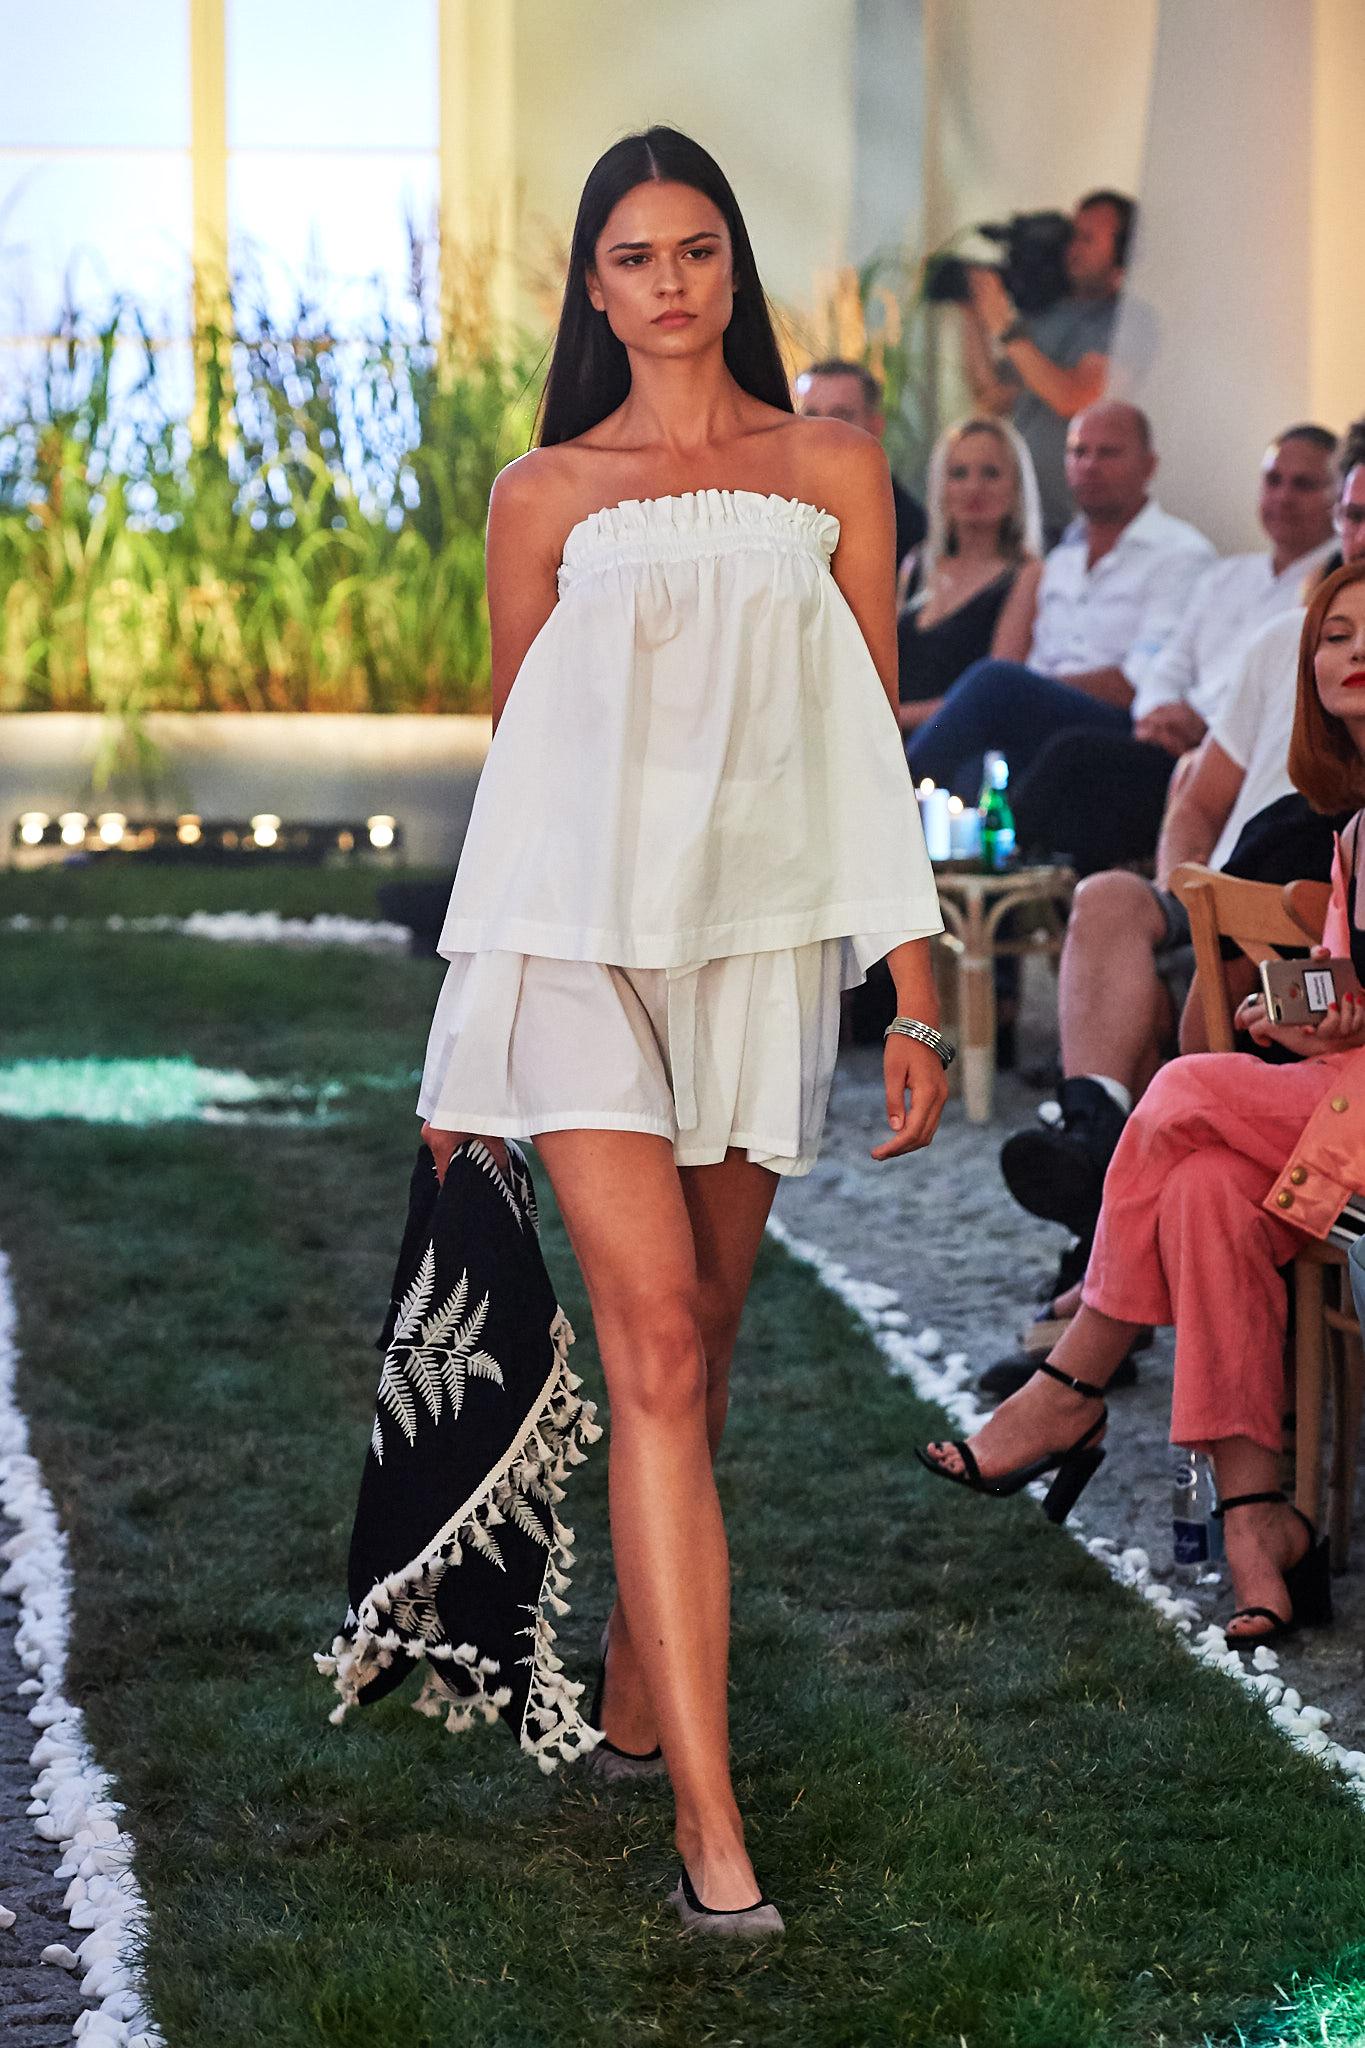 29_MMC-010719-lowres-fotFilipOkopny-FashionImages.jpg